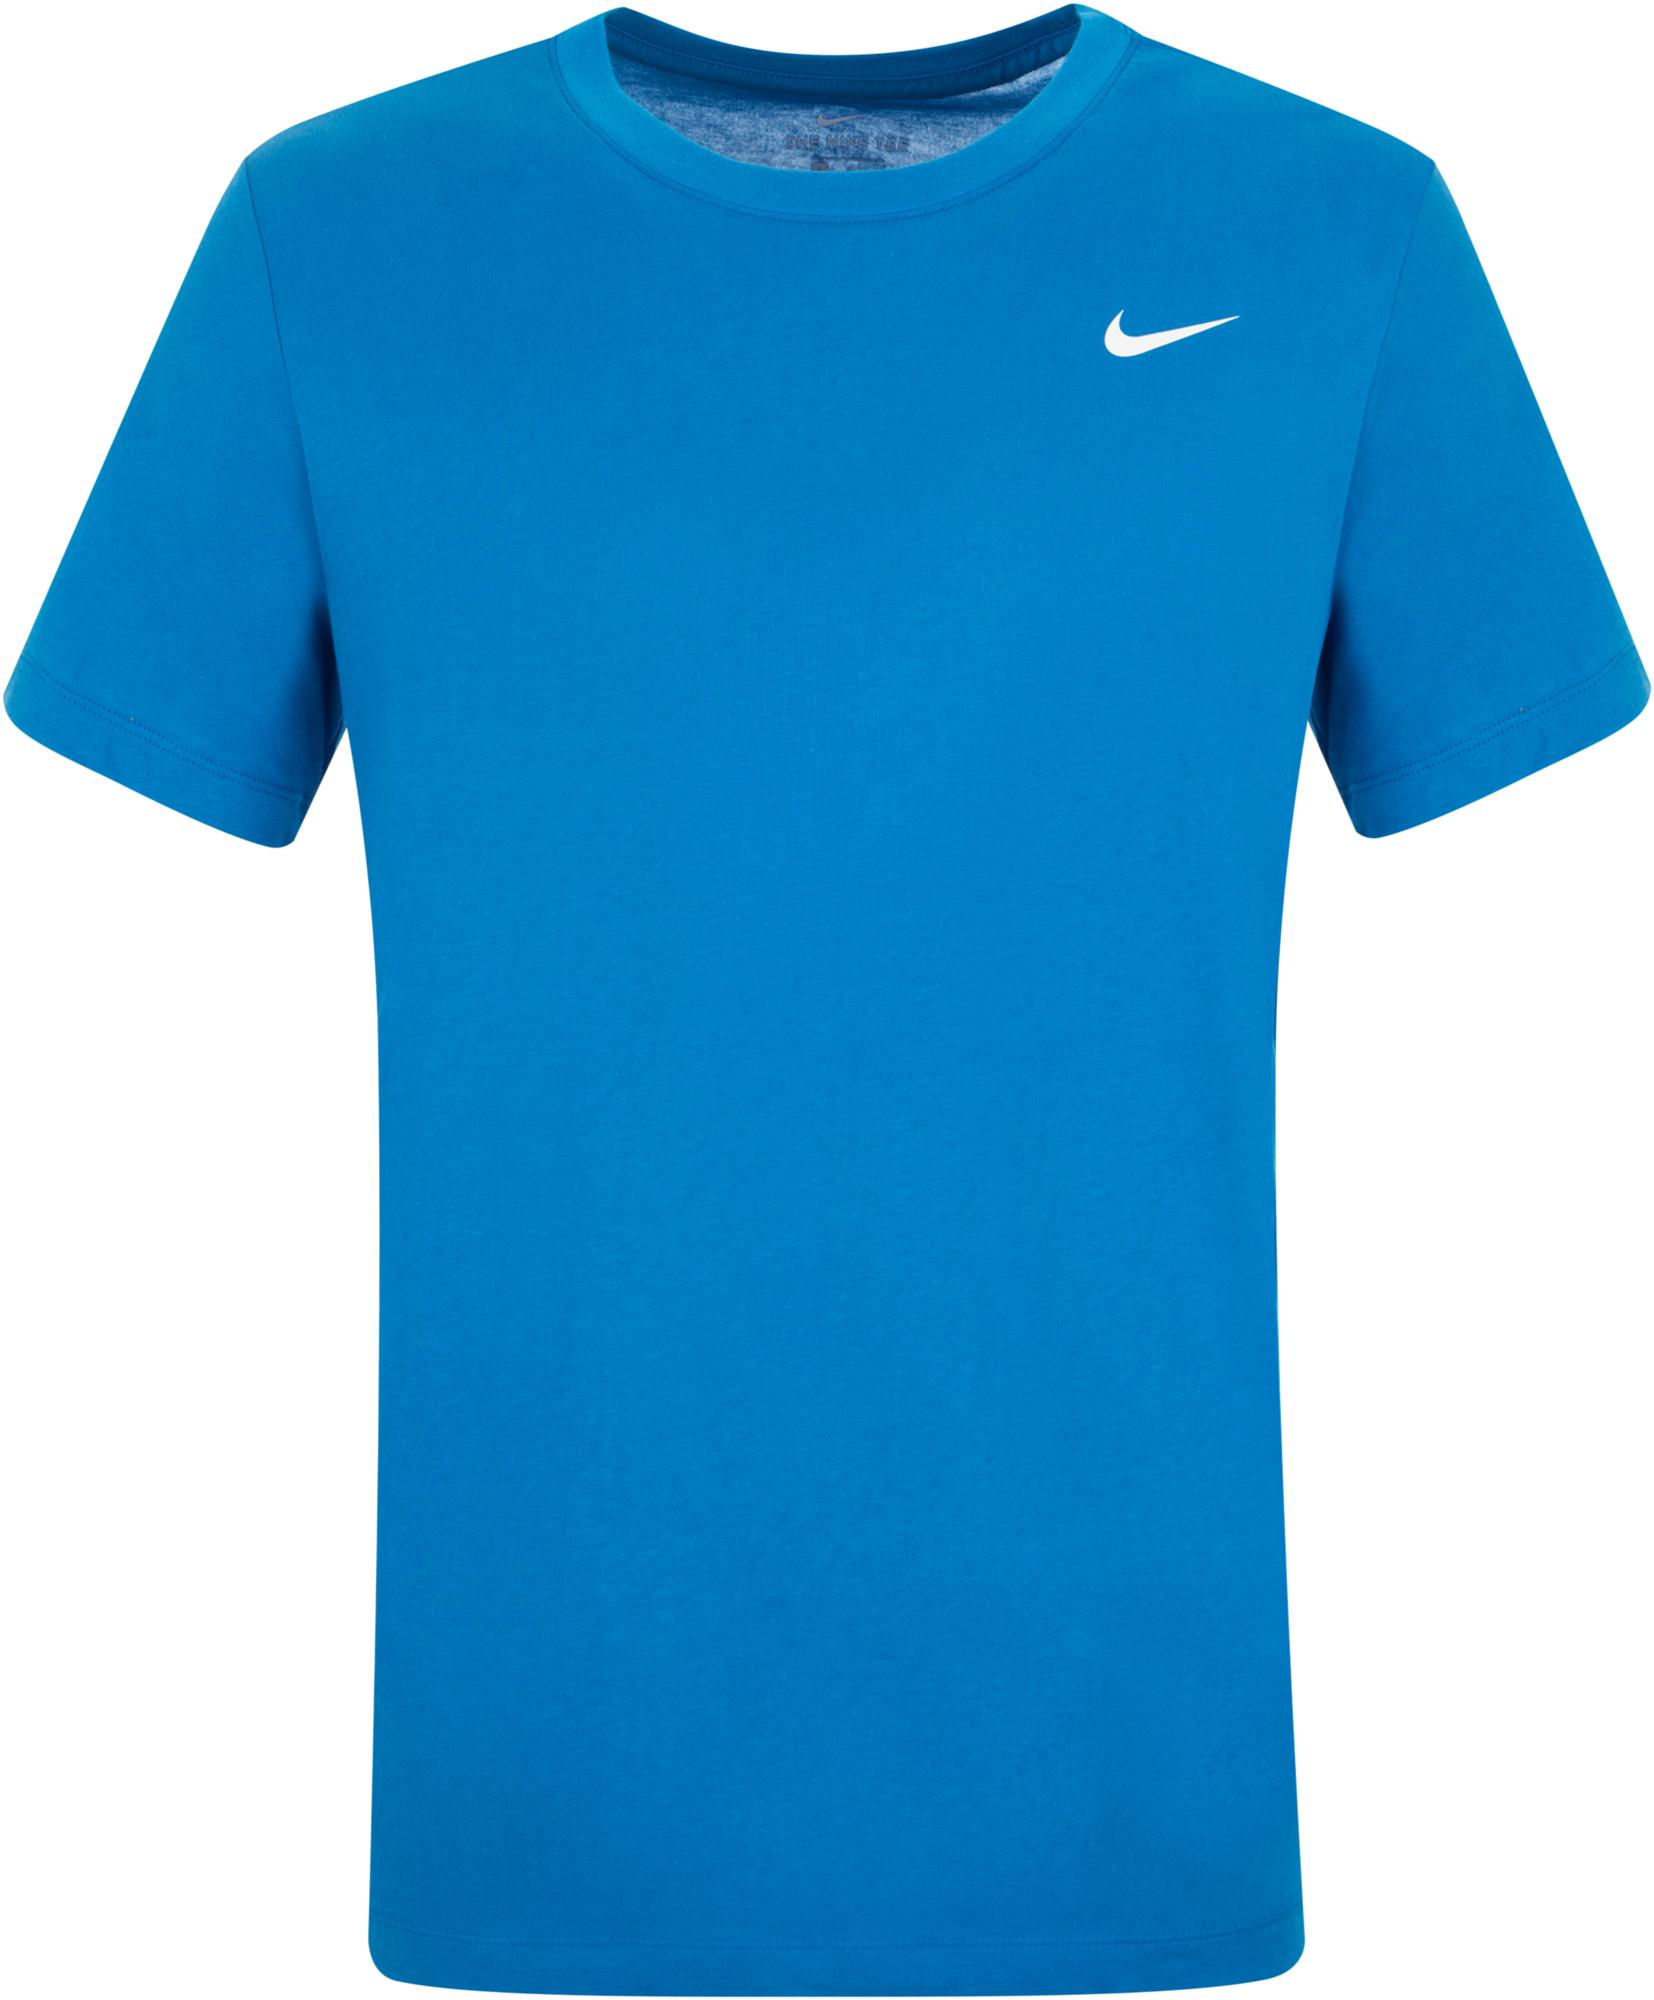 цена на Nike Футболка мужская Nike Dry Crew, размер 52-54